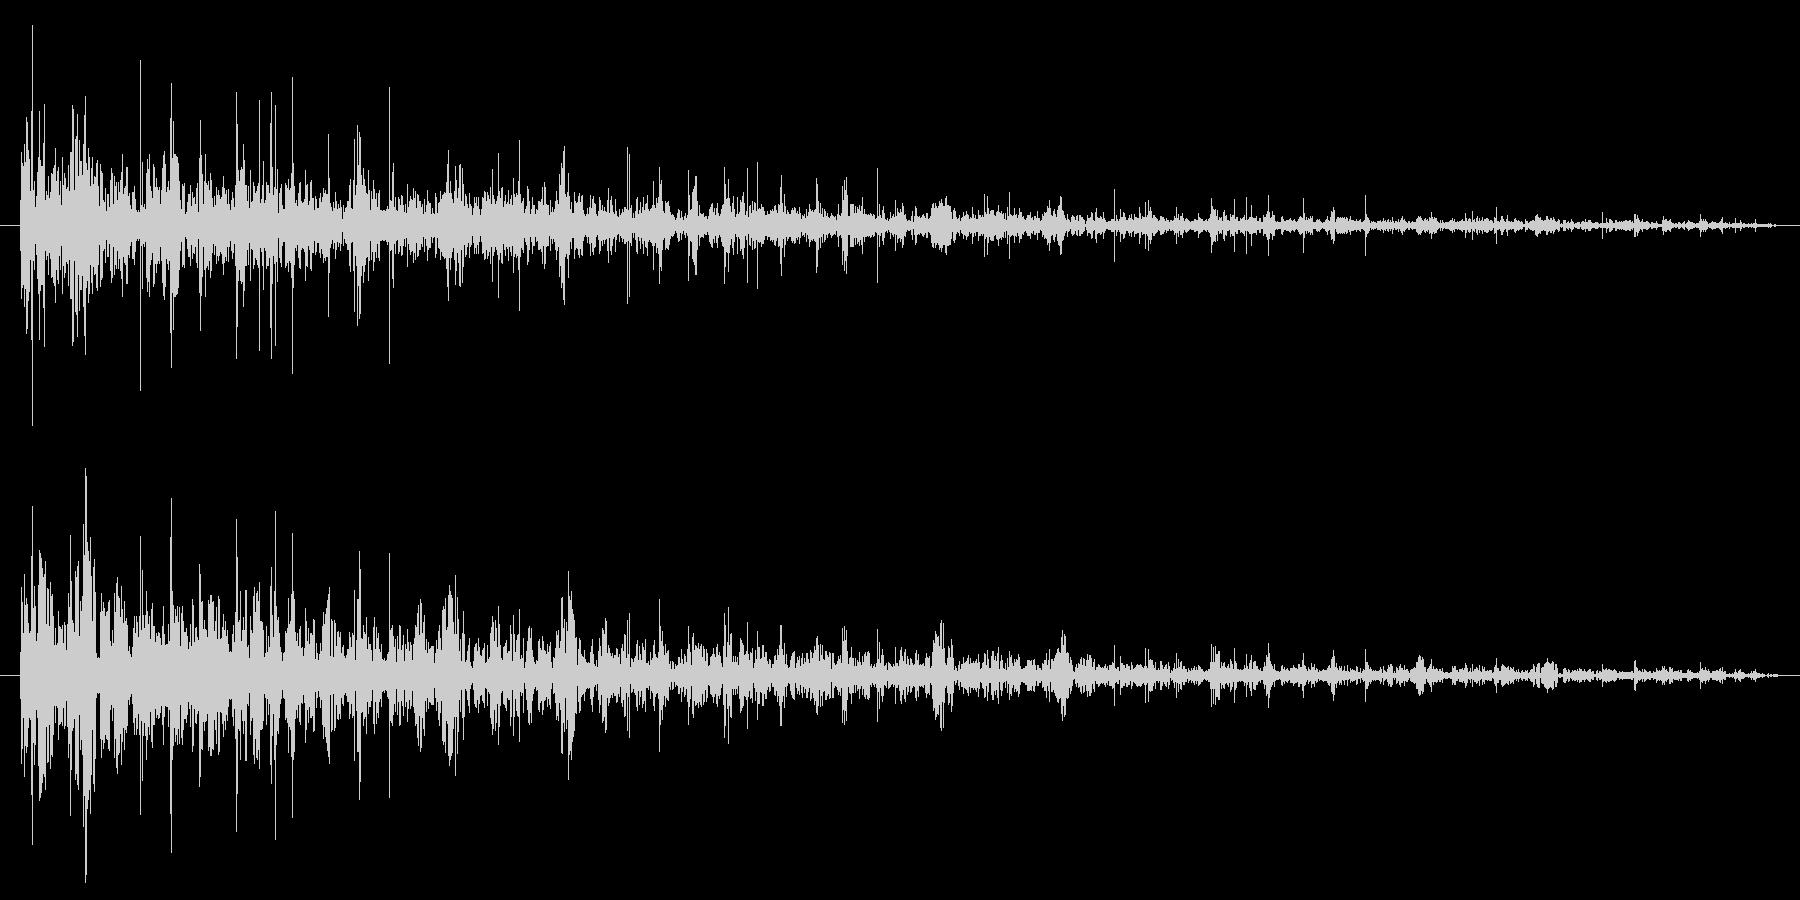 レコードノイズの未再生の波形